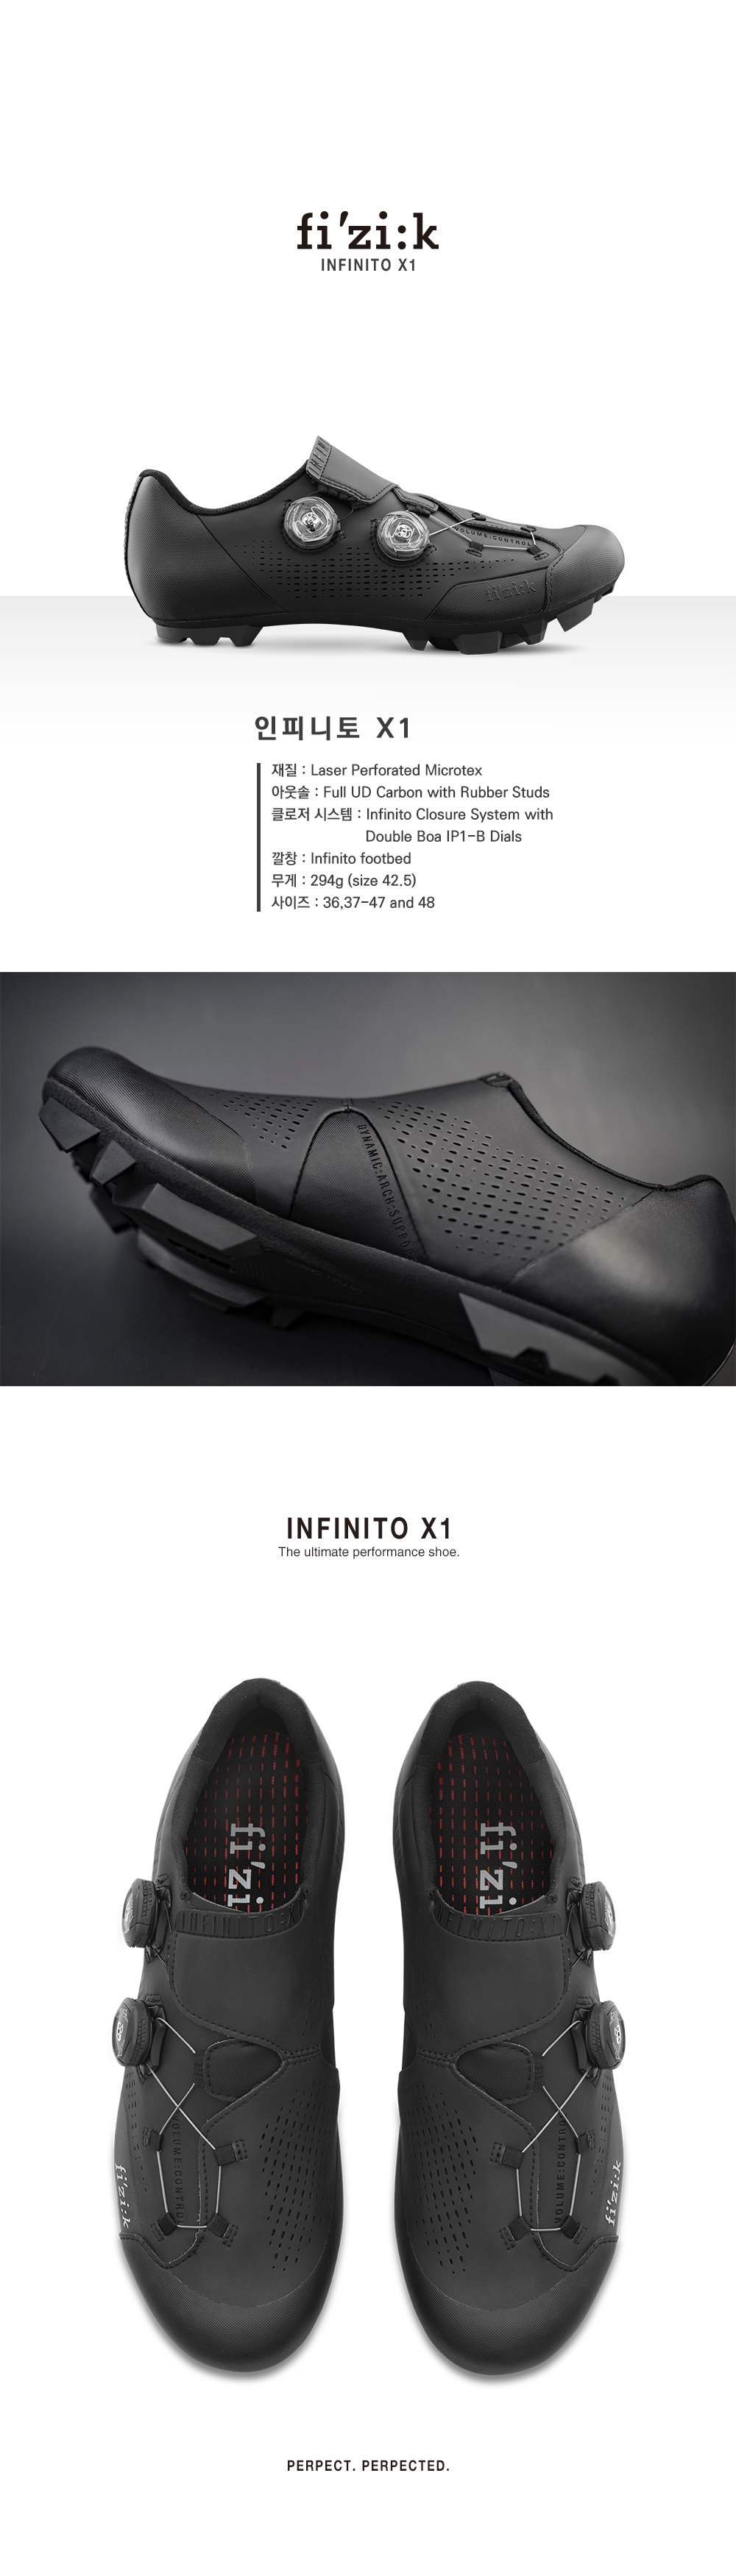 인피니토 x1.jpg